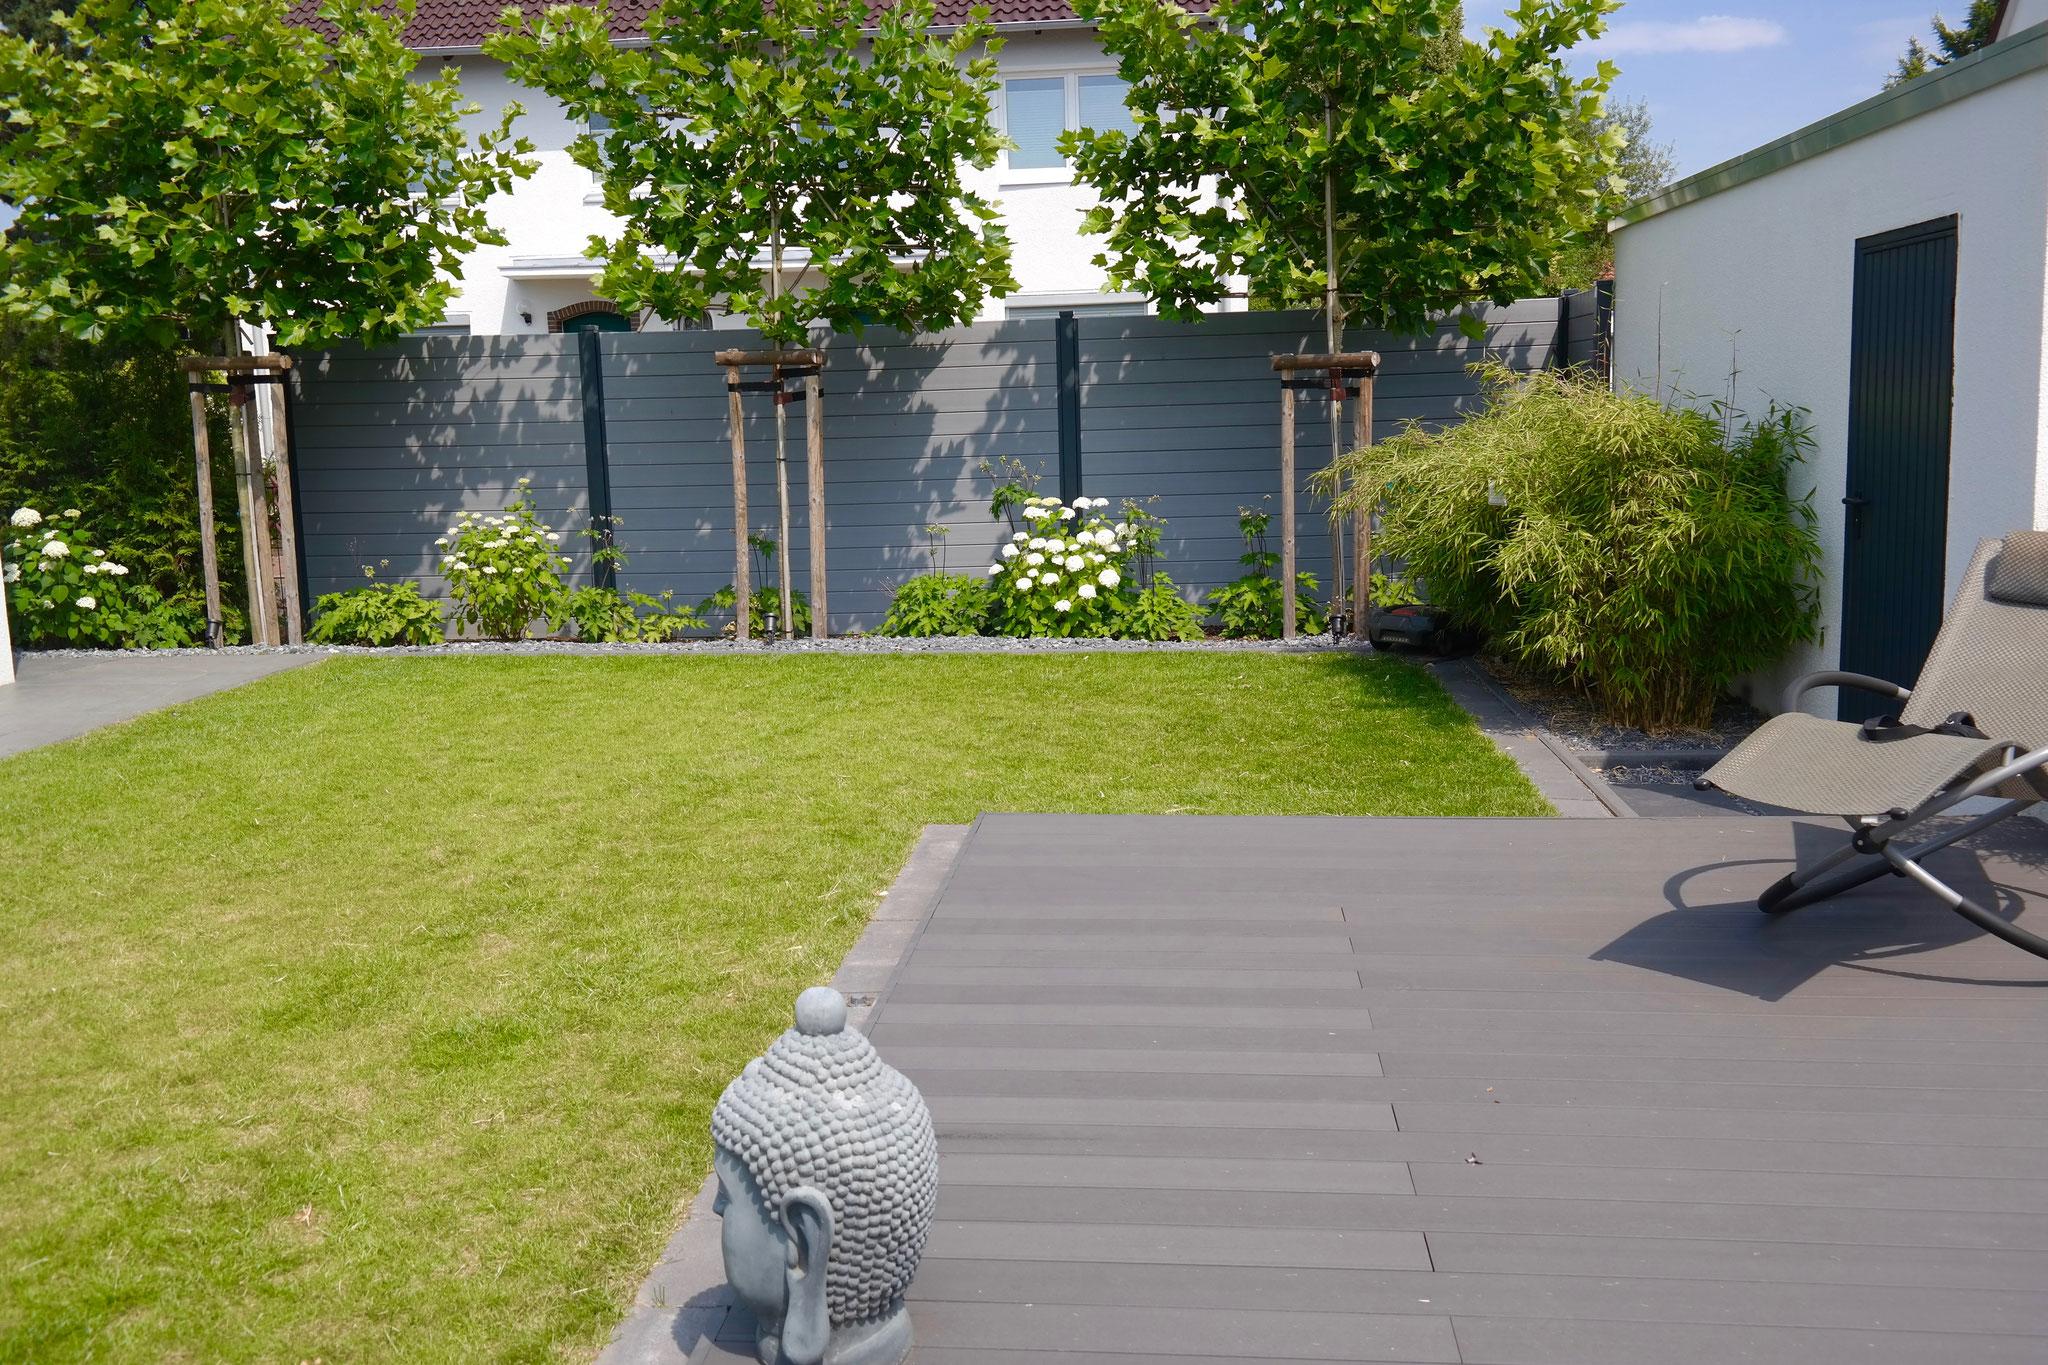 Gärten Ganz Modern Gartentraeume Boesches Webseite